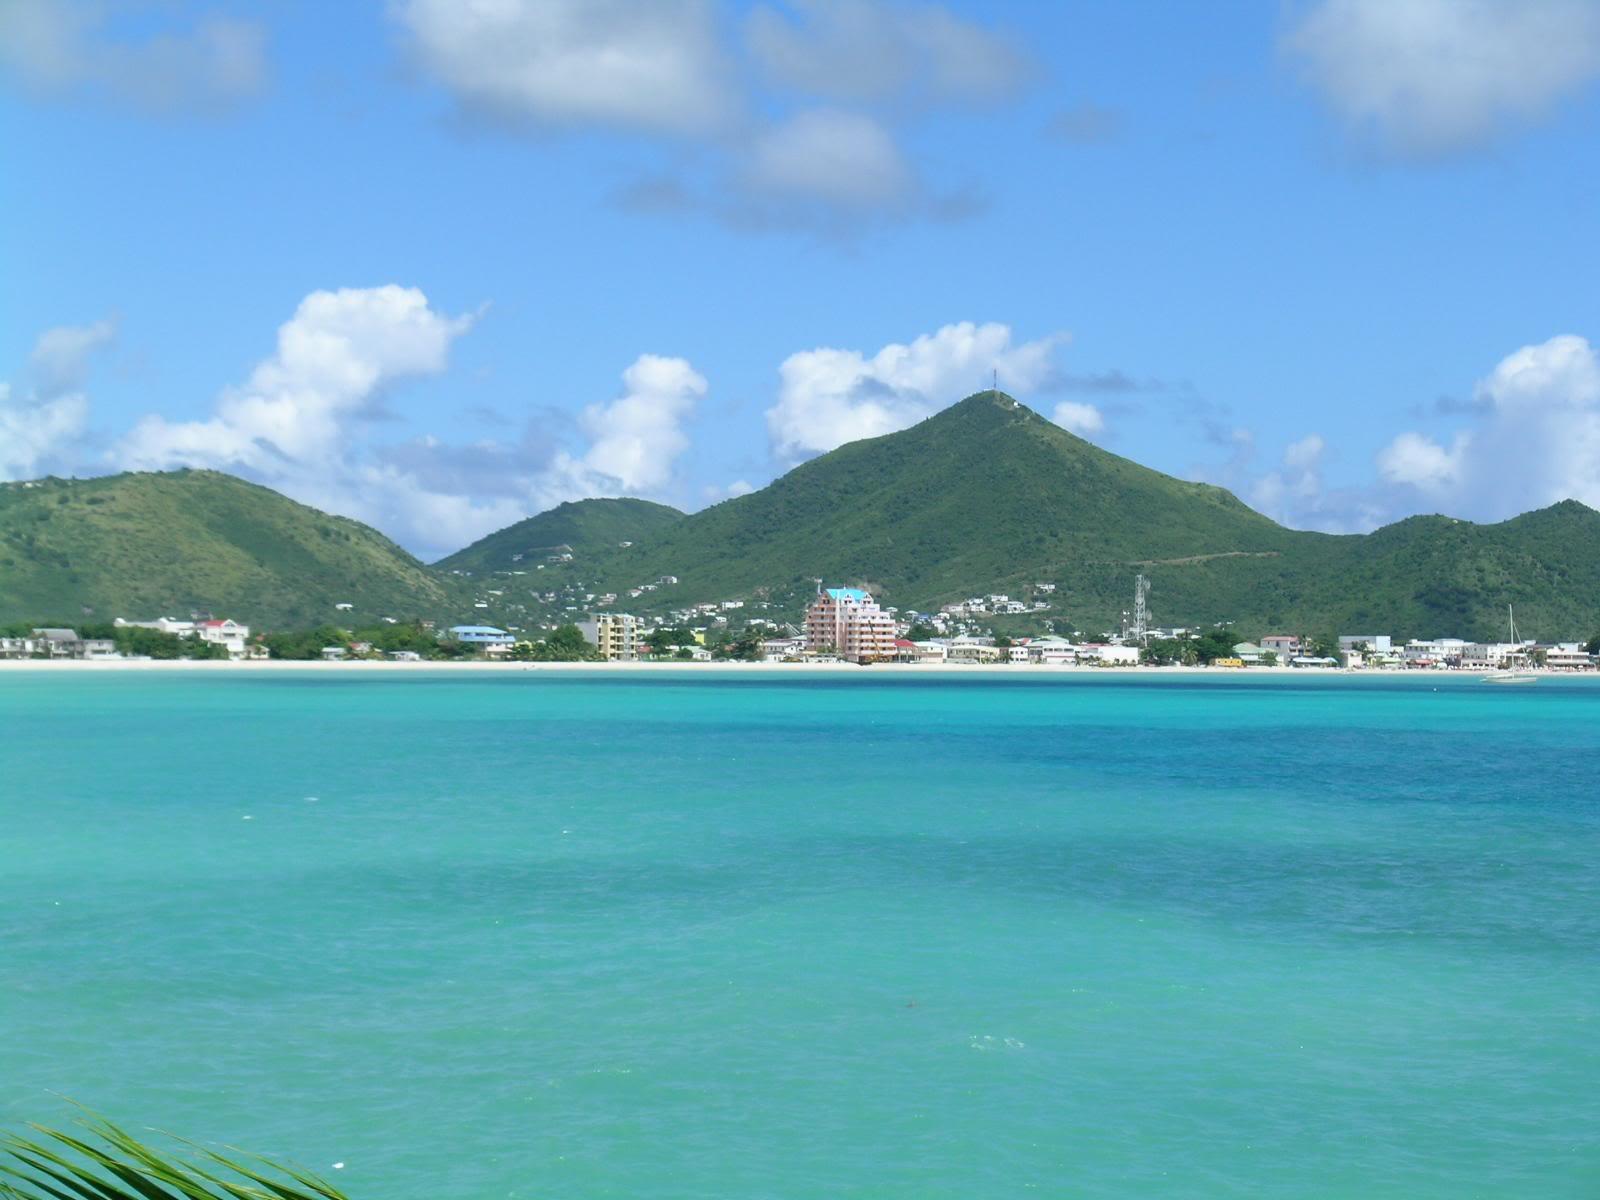 saint martin Site officiel de l'office de tourisme de l'île de saint martin - antilles françaises.